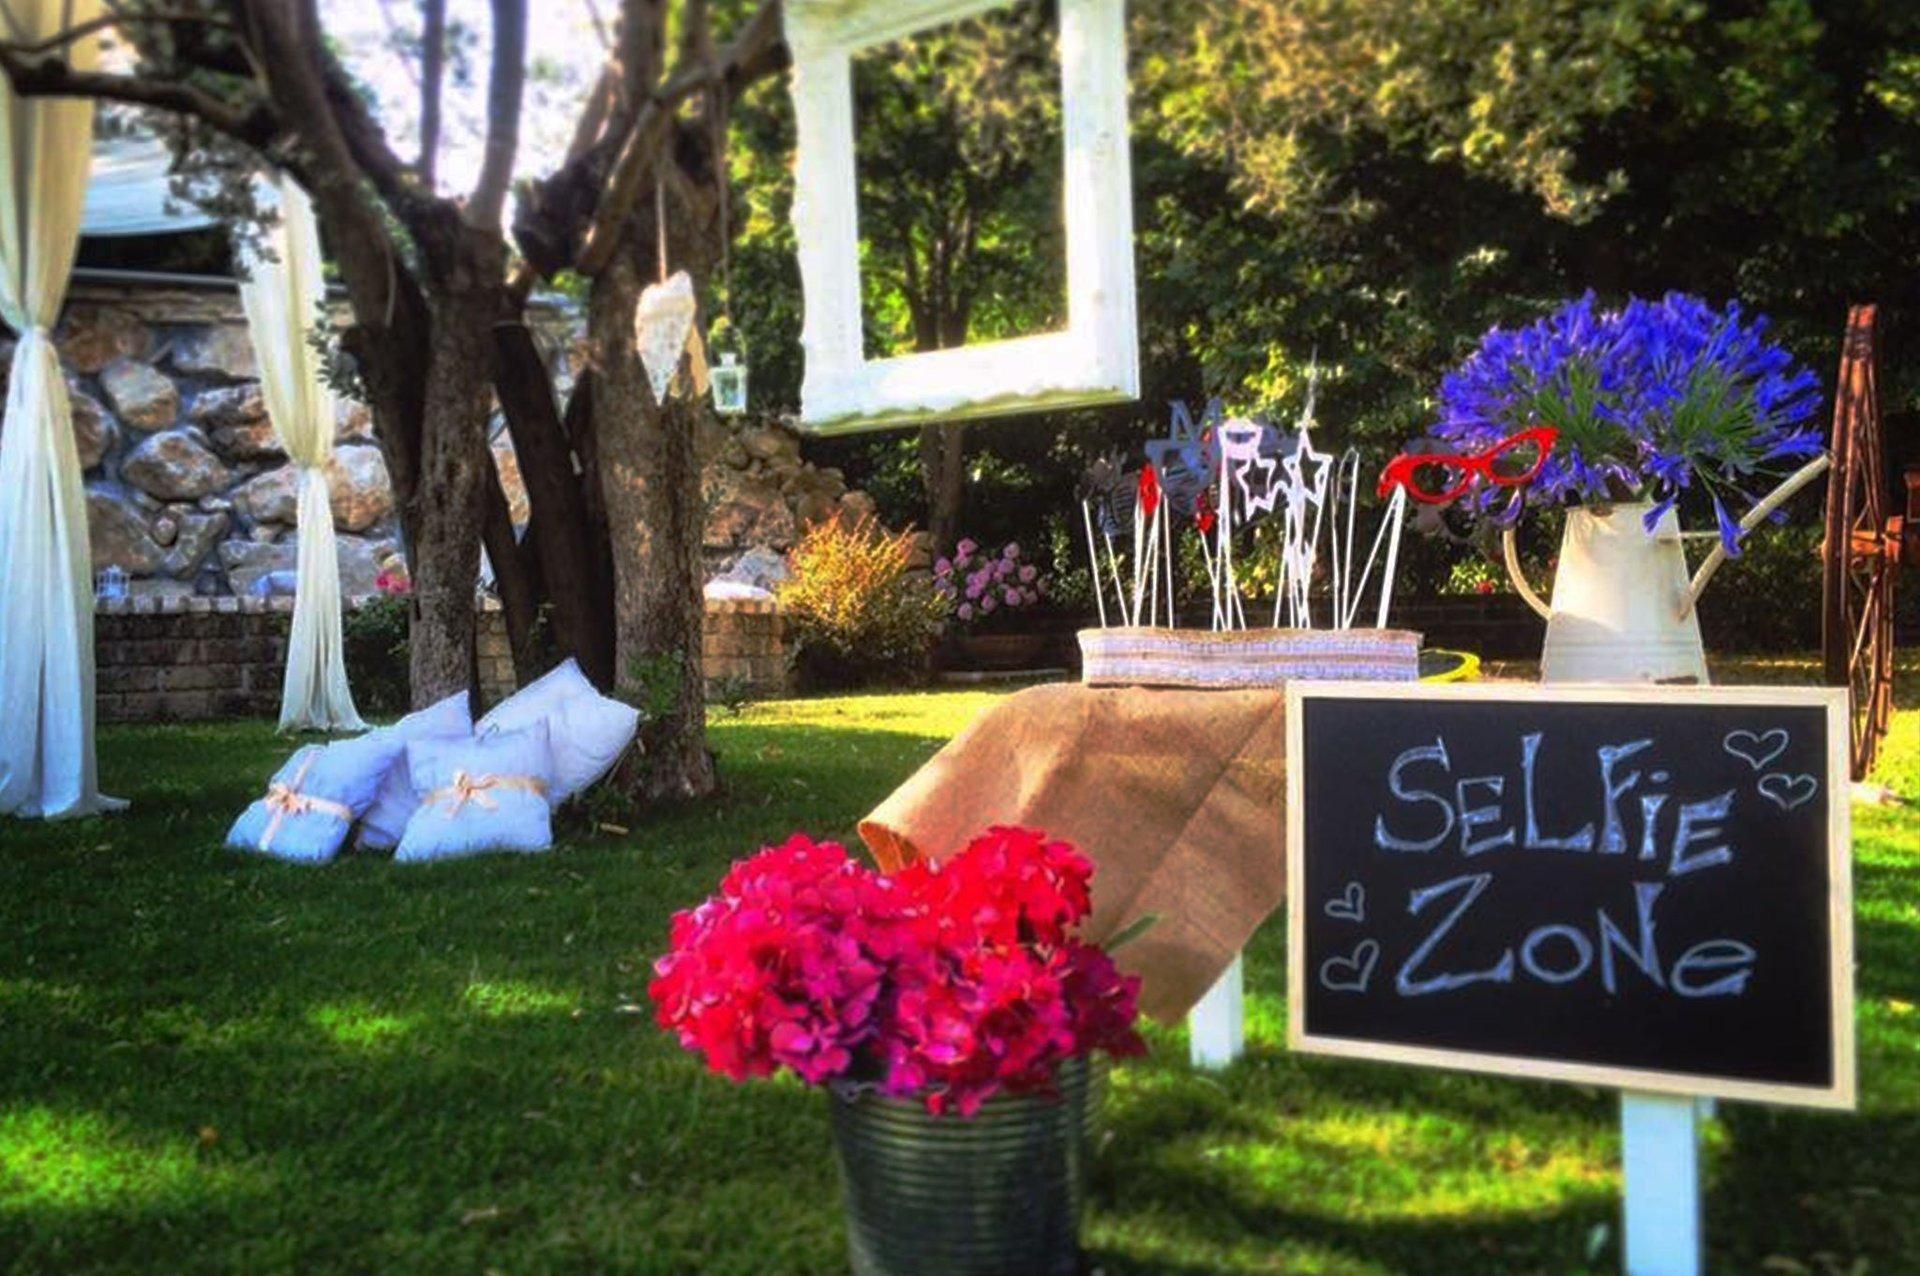 dei tavoli eleganti apparecchiati per un ricevimento e dei vasi di fiori